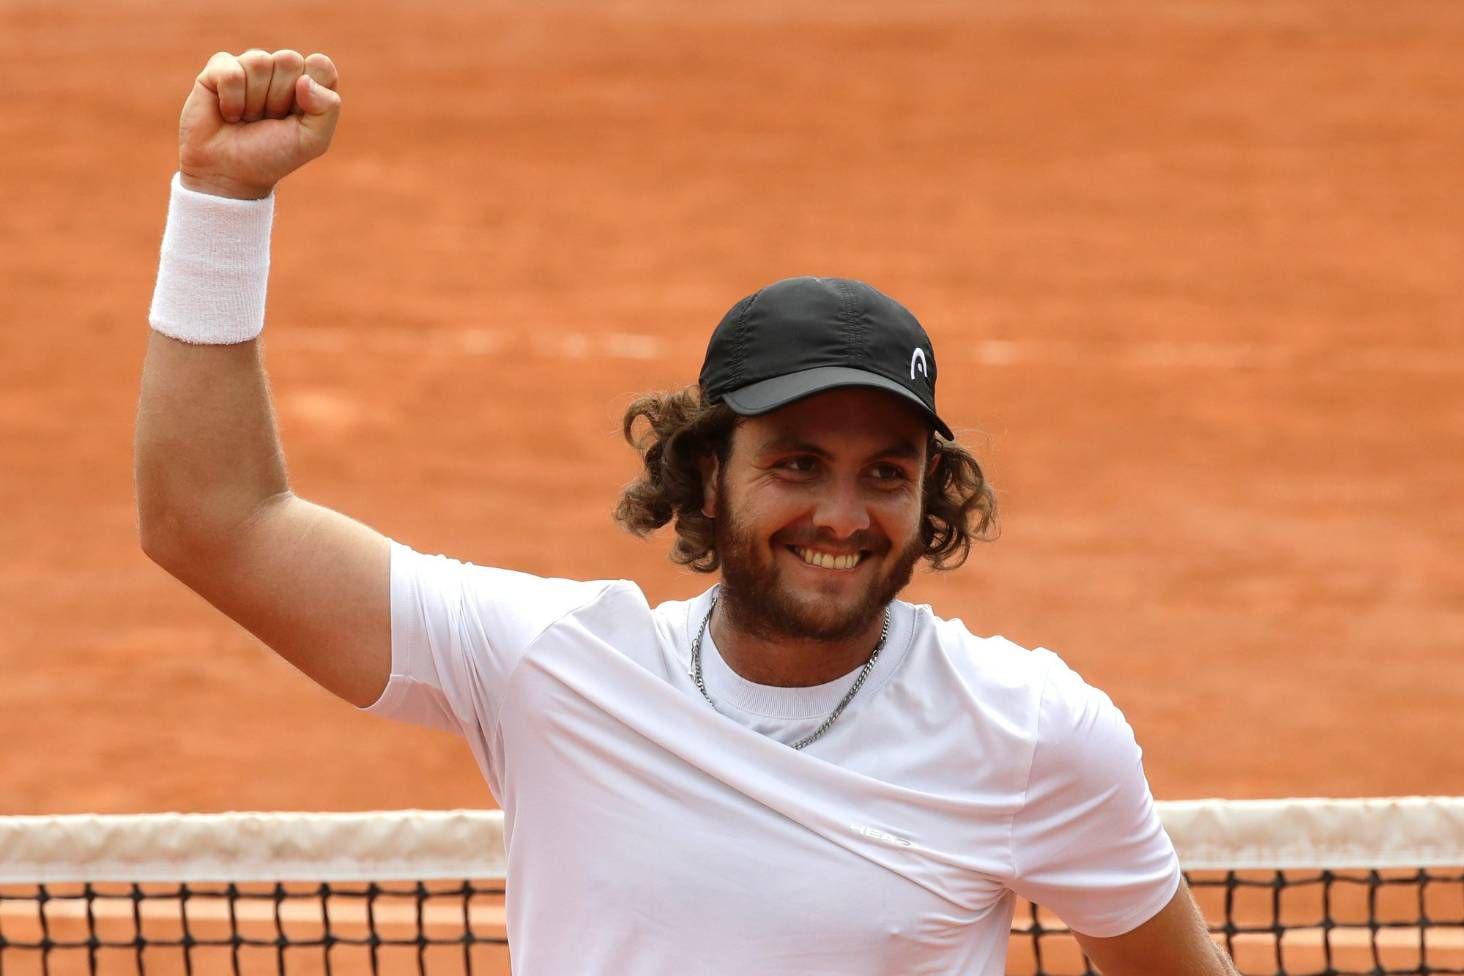 El santiagueño Trungelliti pasó a los cuartos de final en el Challenger de Florencia